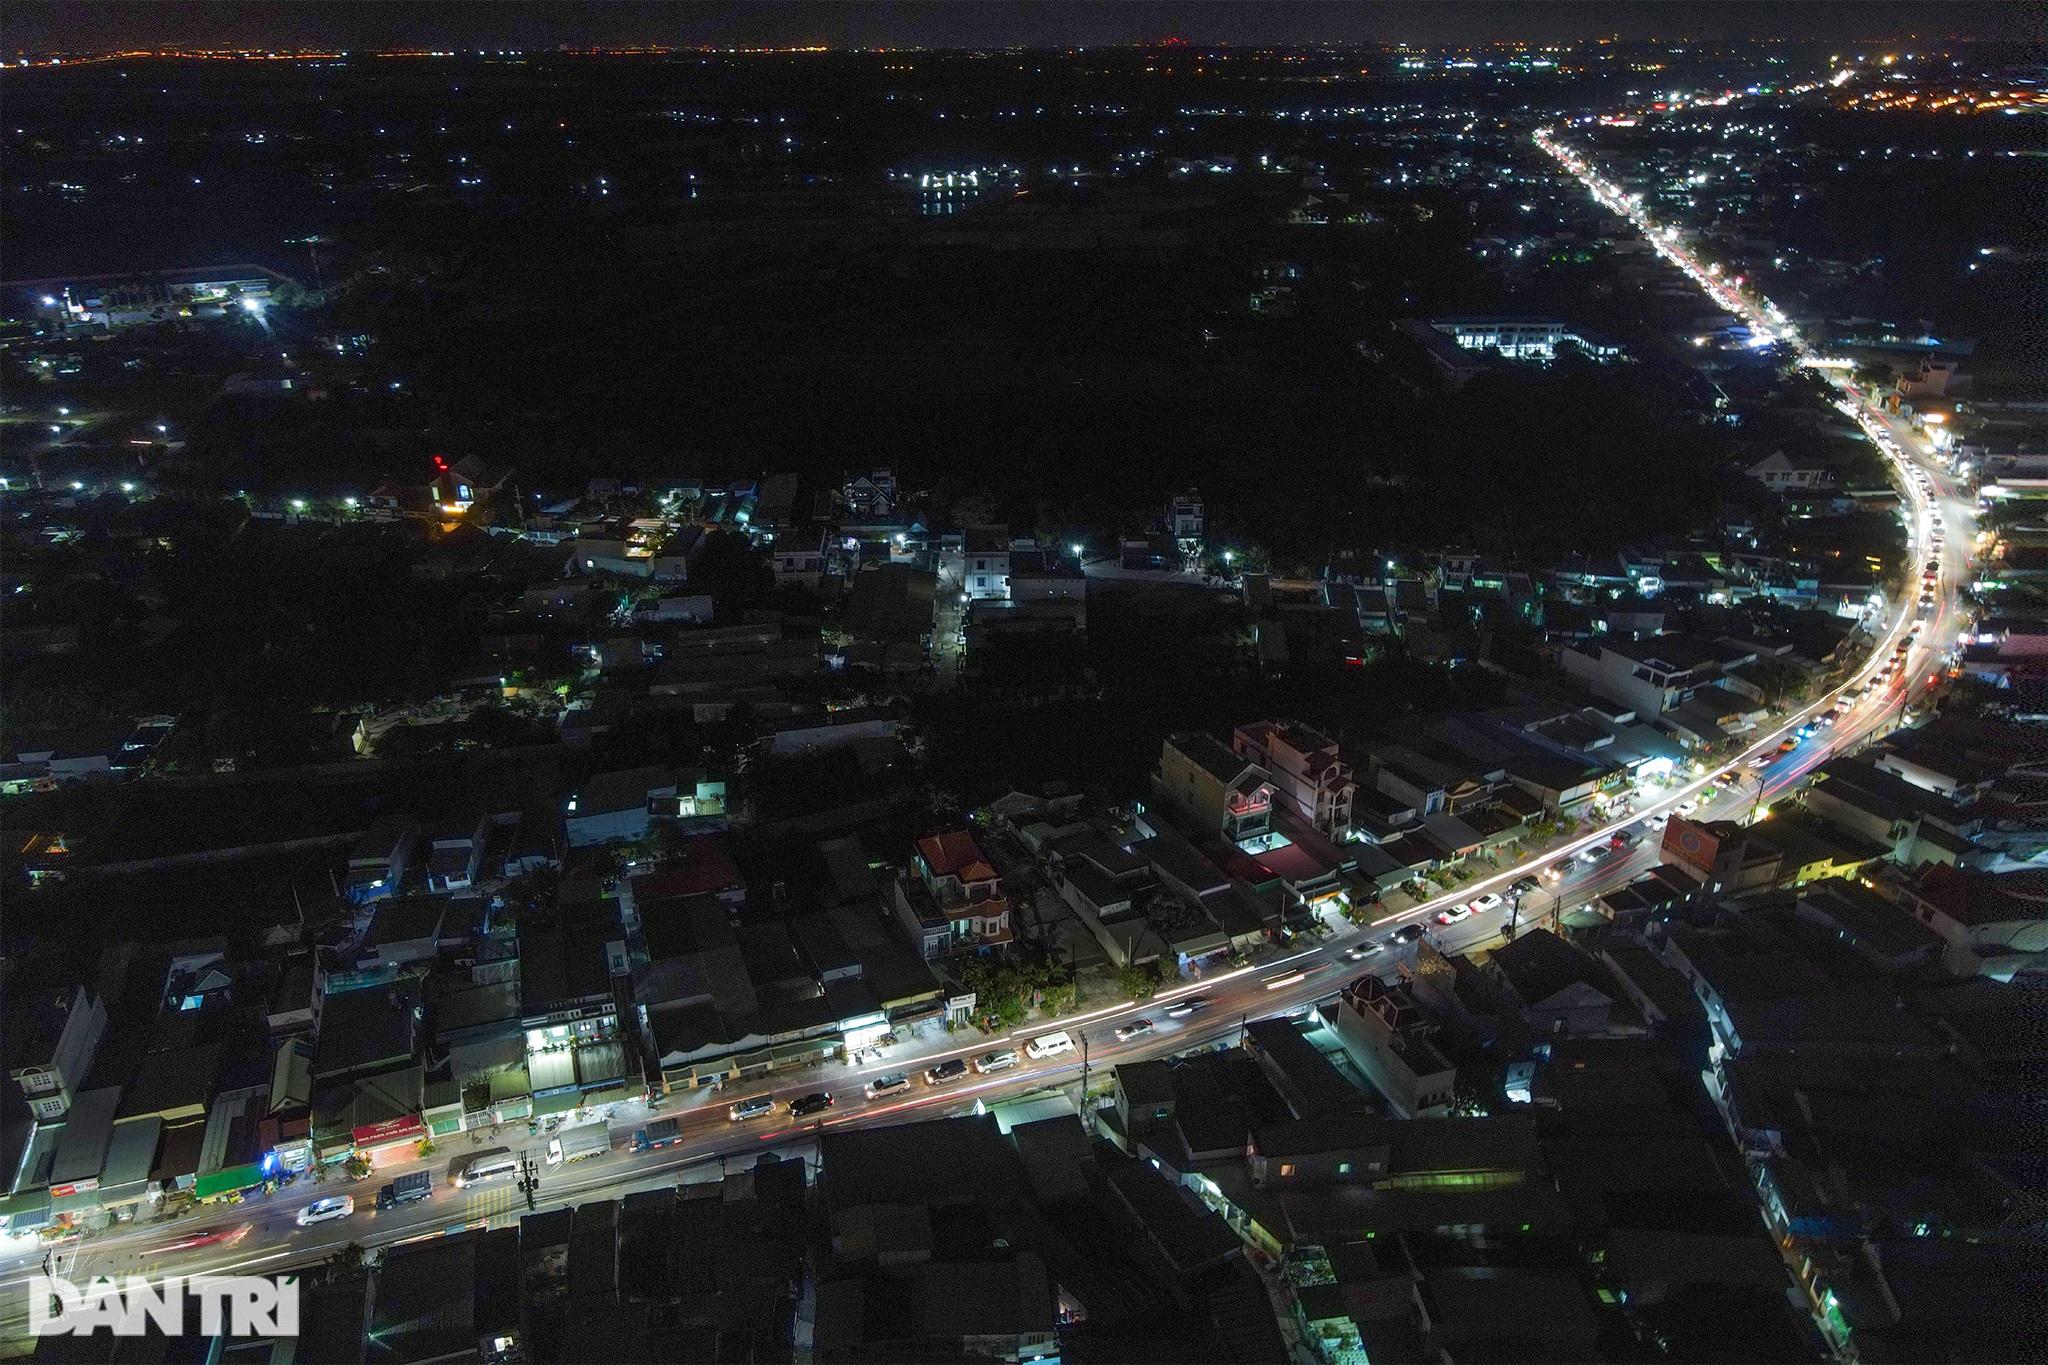 Người dân trở lại Sài Gòn sớm, giao thông cửa ngõ ùn tắc, hỗn loạn - 9